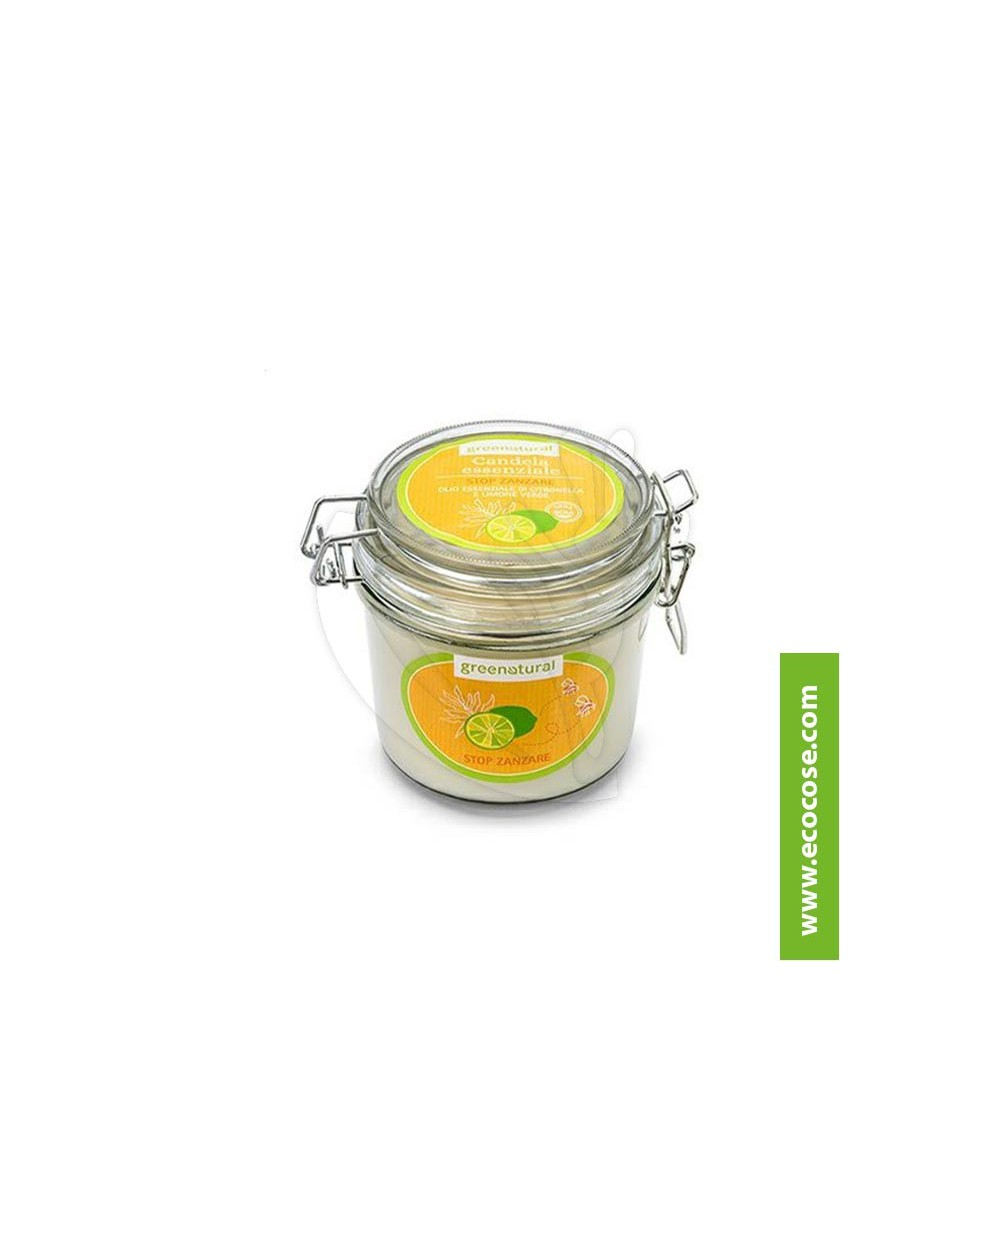 Greenatural - Candela essenziale STOP ZANZARE - Limone Verde e Citronella 200GR